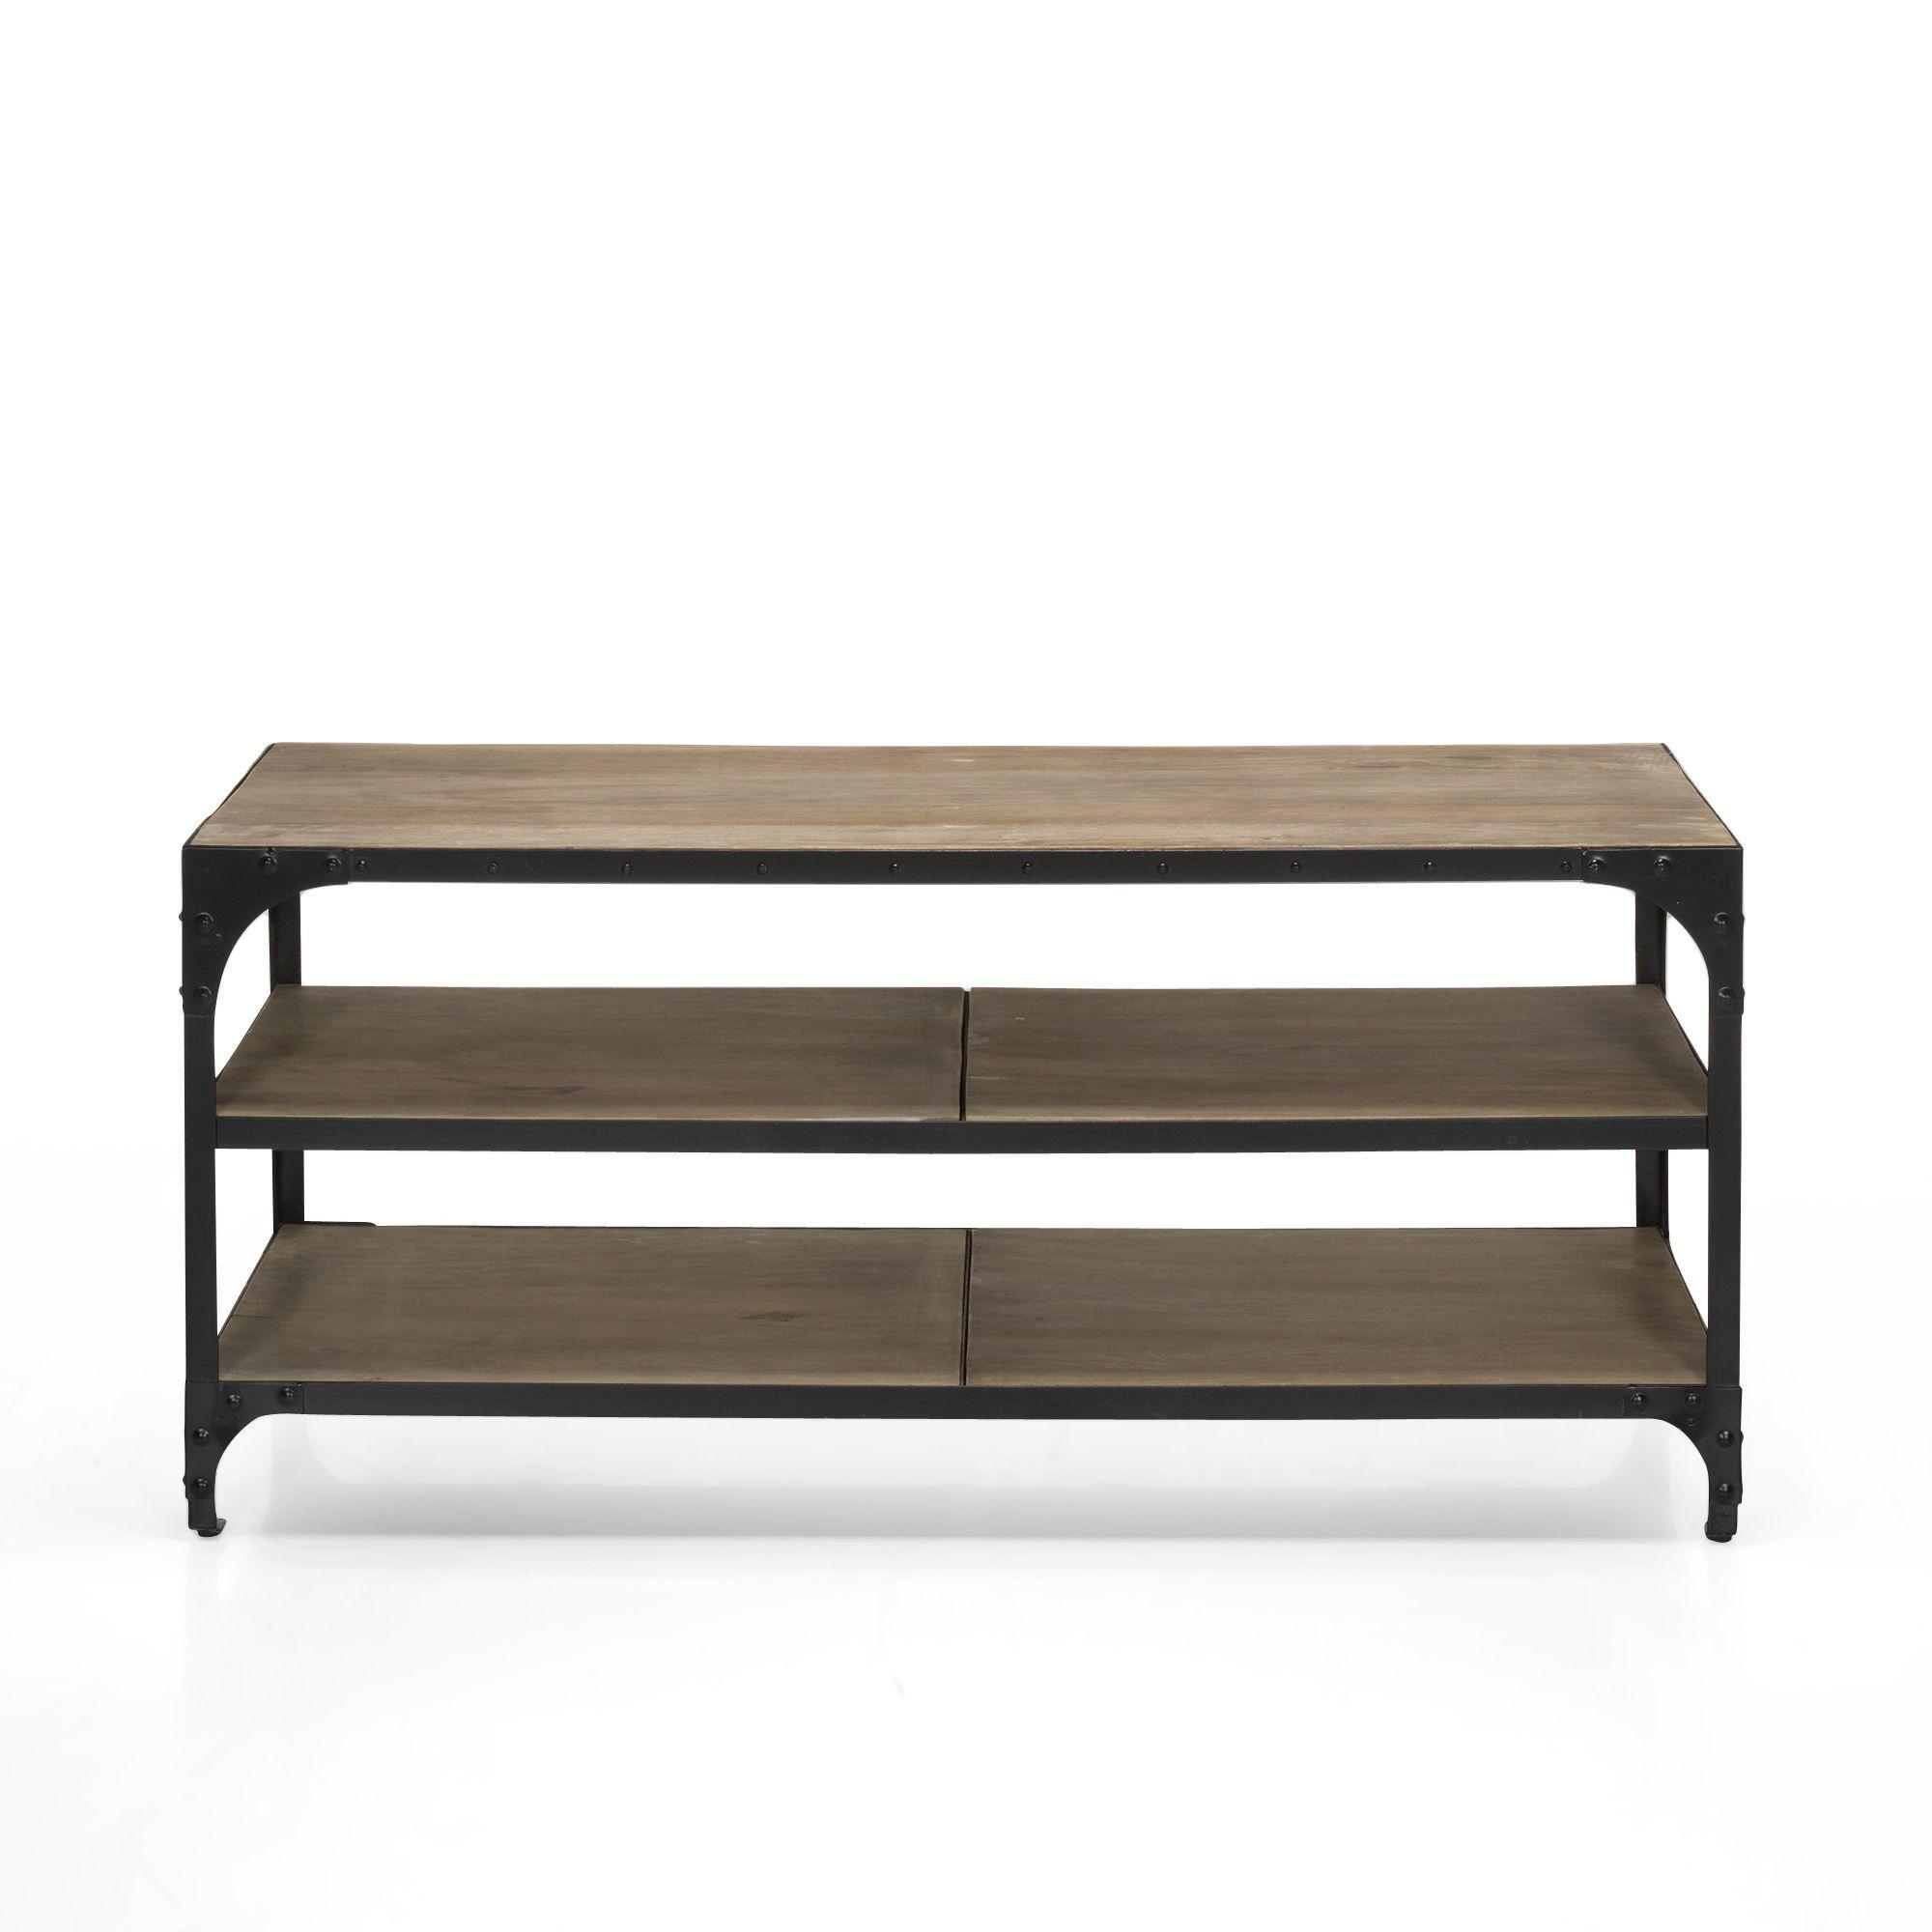 meuble tv style industriel mango et noir new ately les meubles t l les meubles et. Black Bedroom Furniture Sets. Home Design Ideas